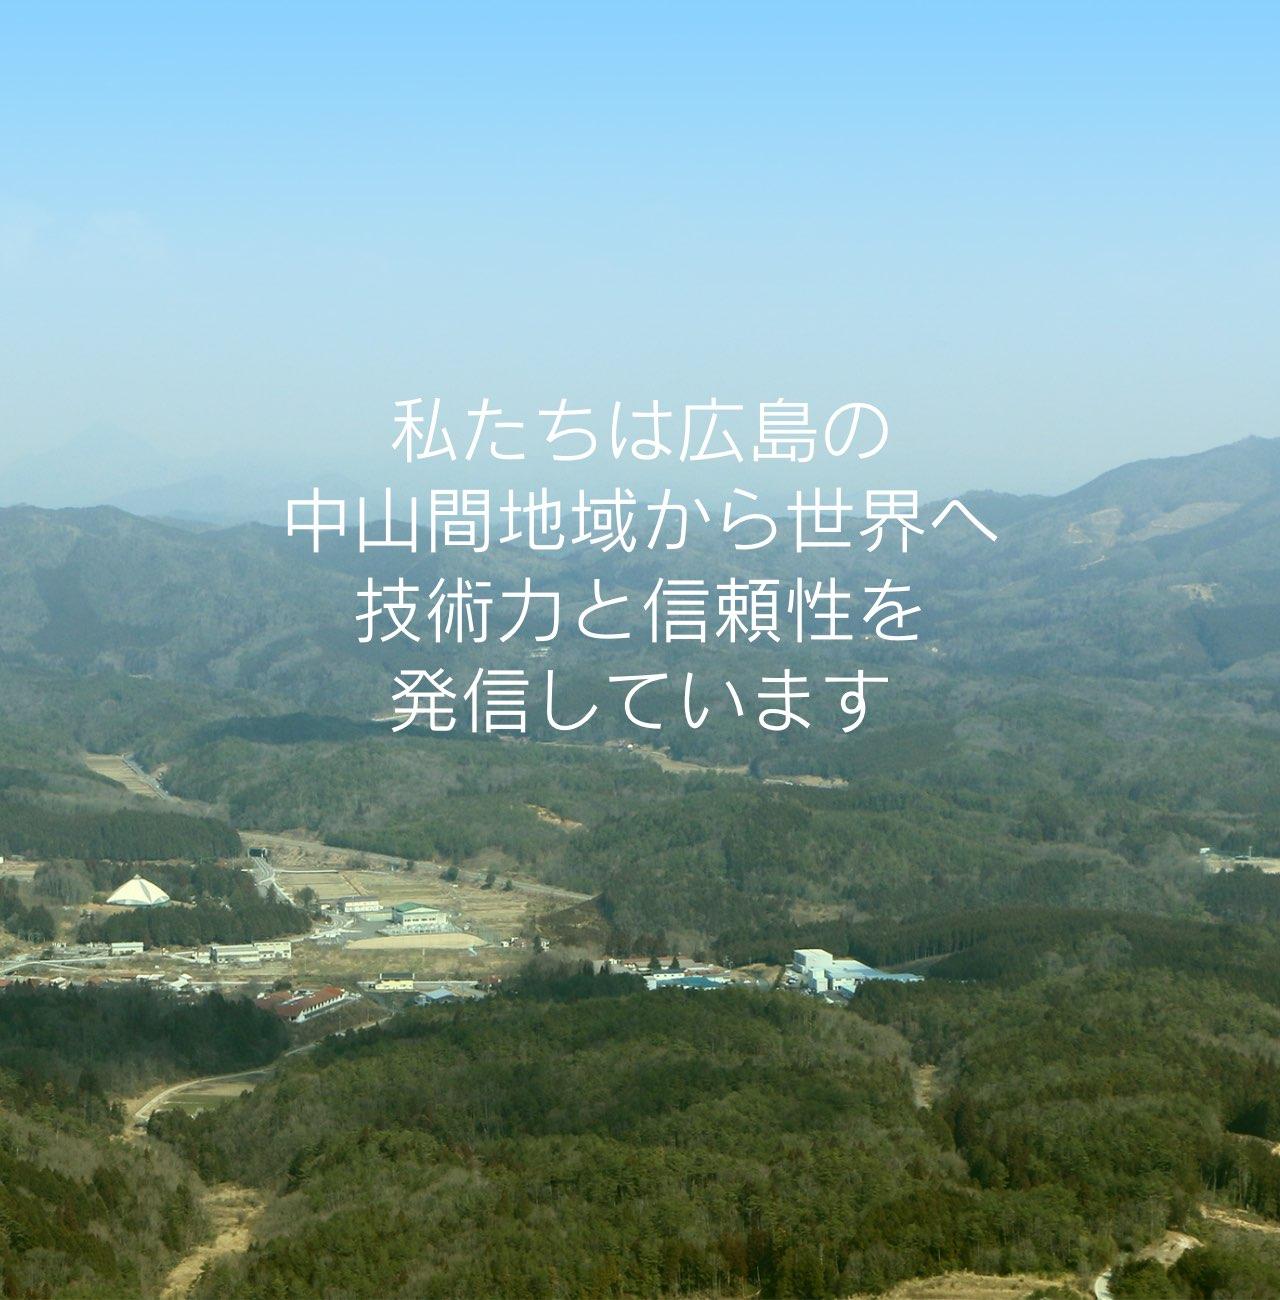 私たちは広島の中山間地域から世界へ技術力と信頼性を発信しています